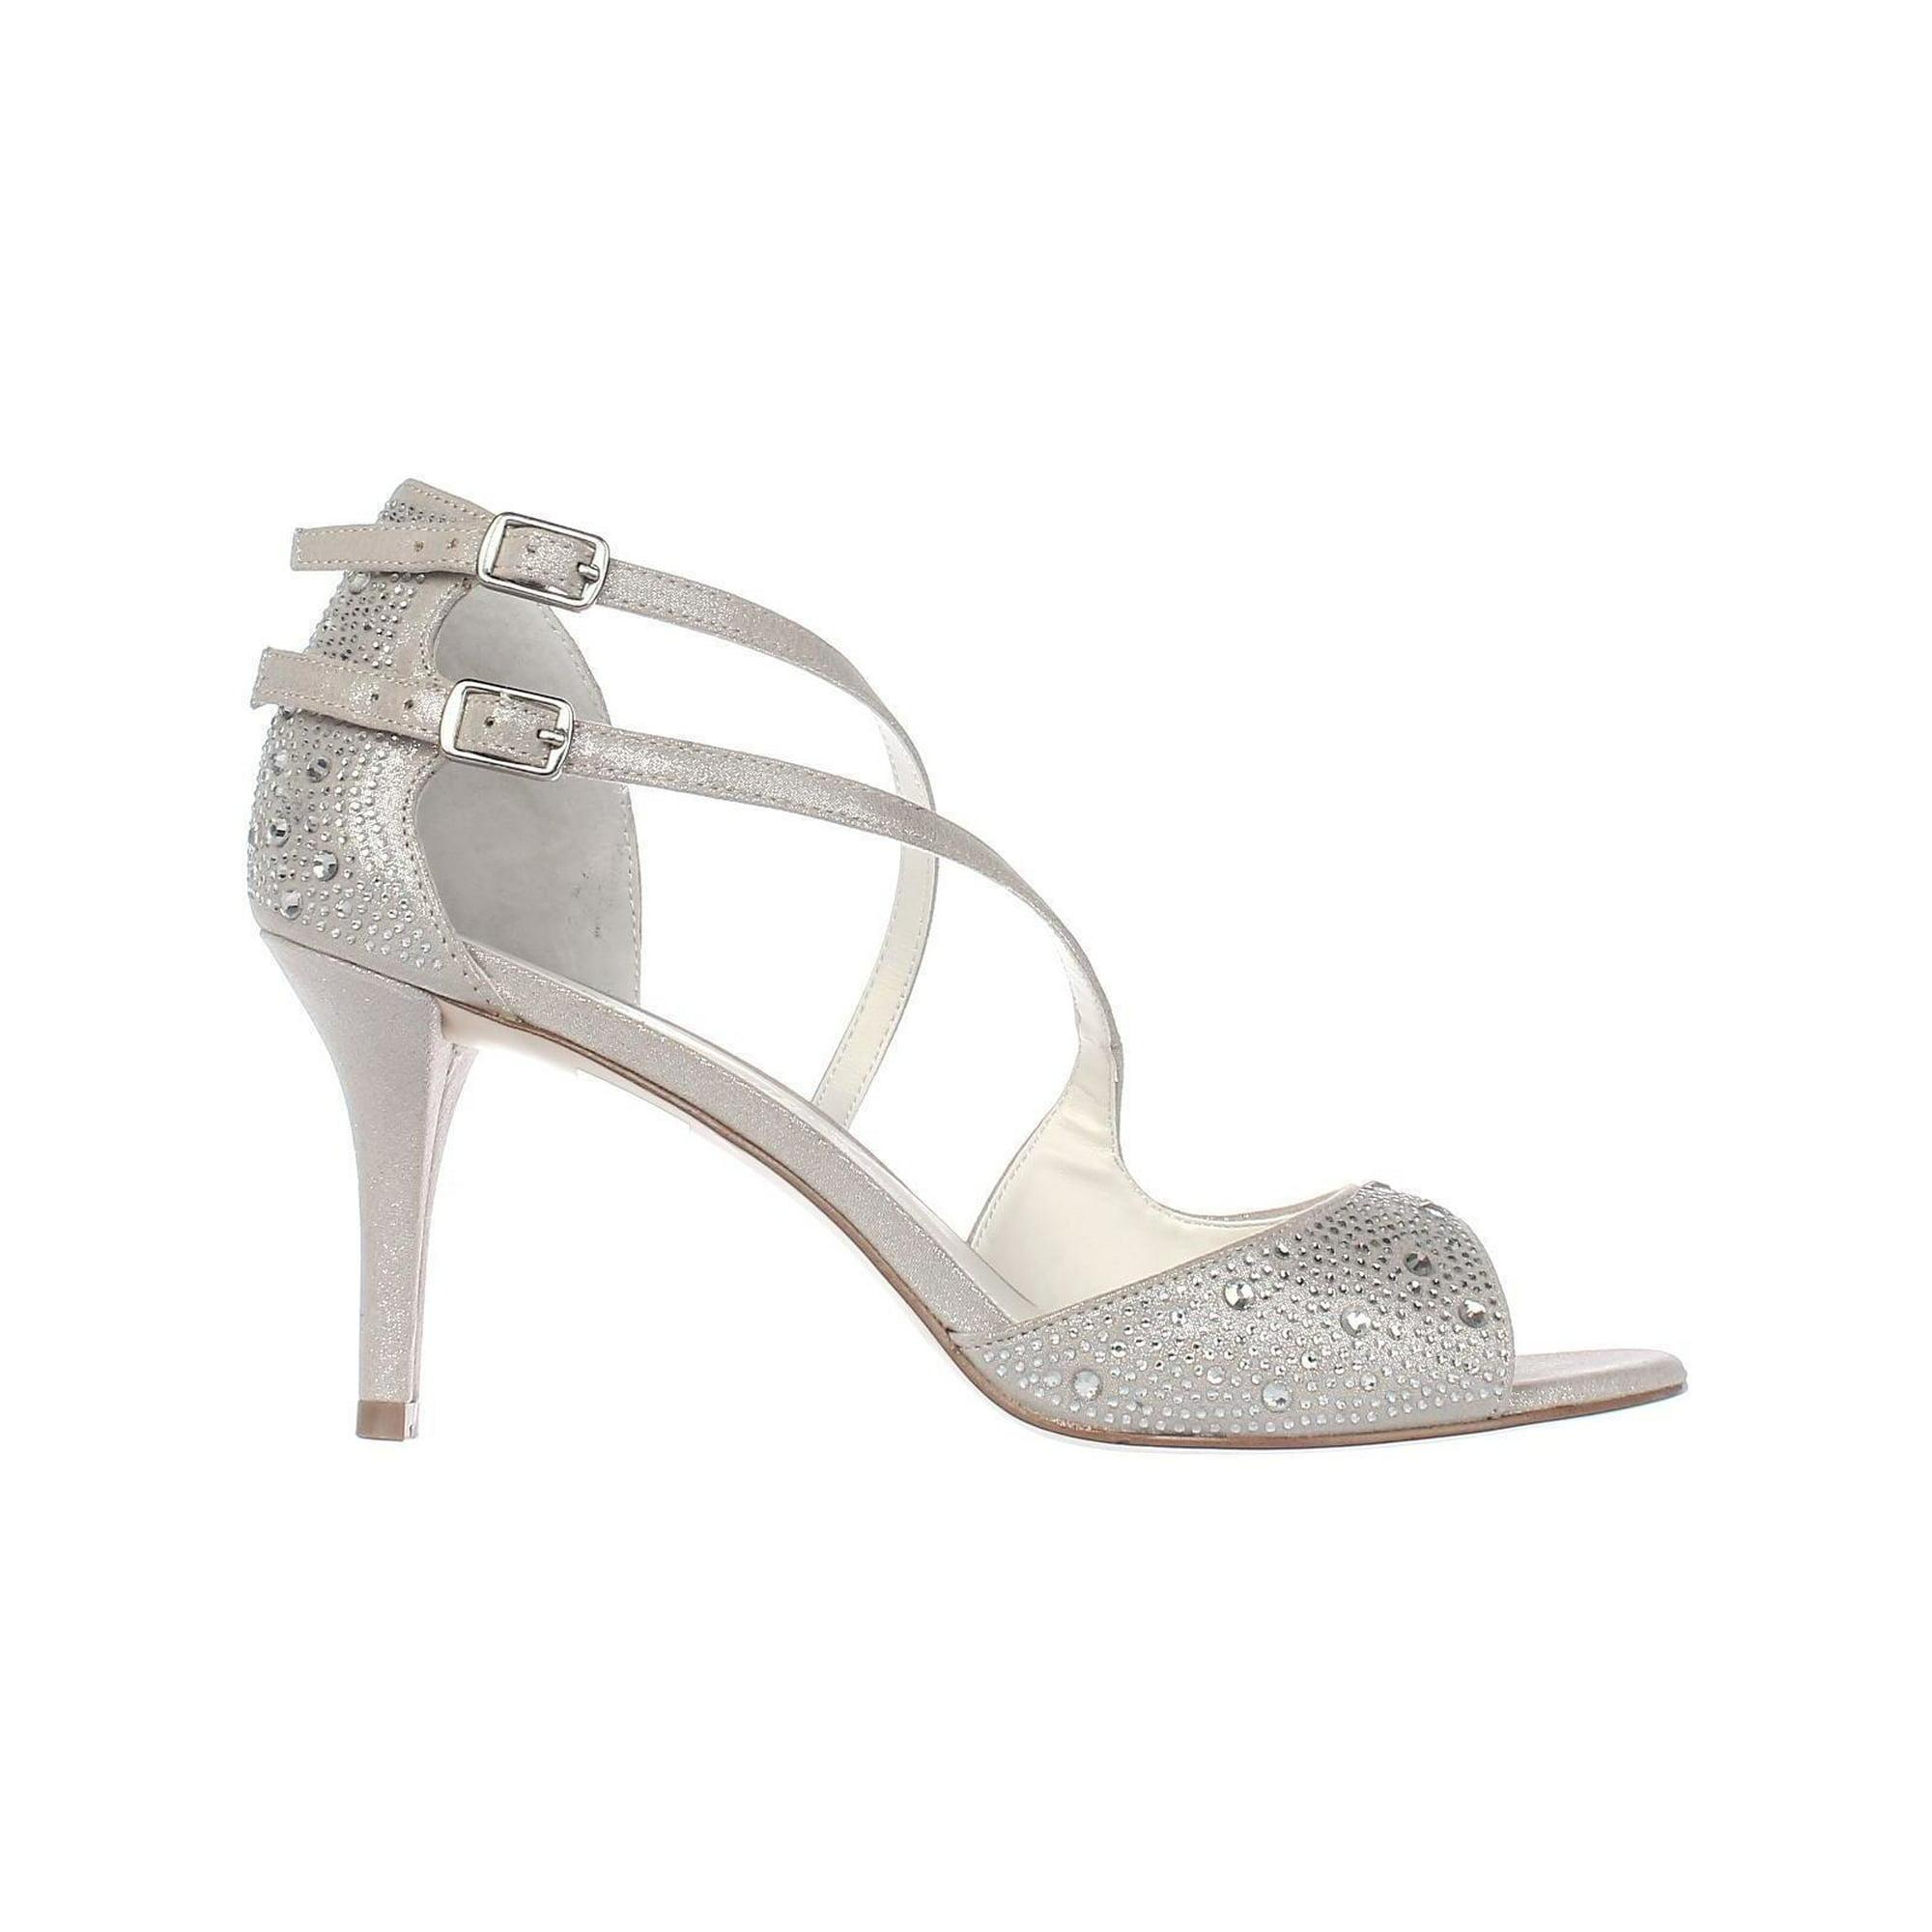 e37dbb025e1407 A35 Cremena Sparkle Strappy Dress Sandals